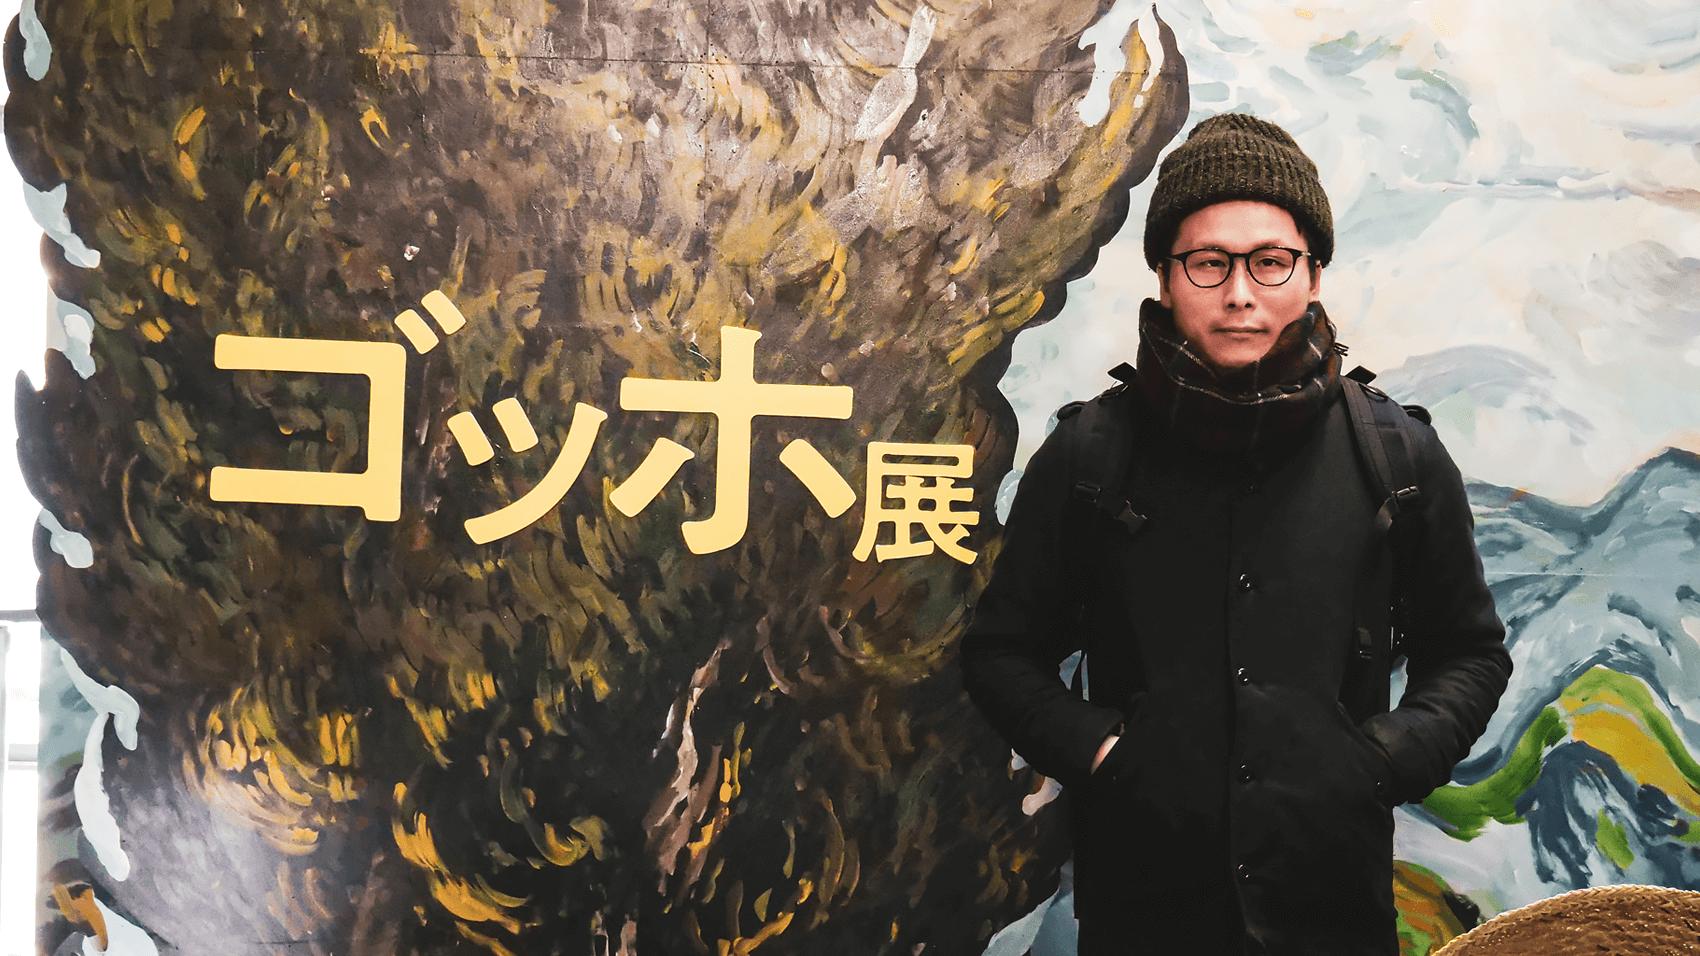 兵庫県立美術館で開催中の「ゴッホ展」にてゴッホのツールを辿る